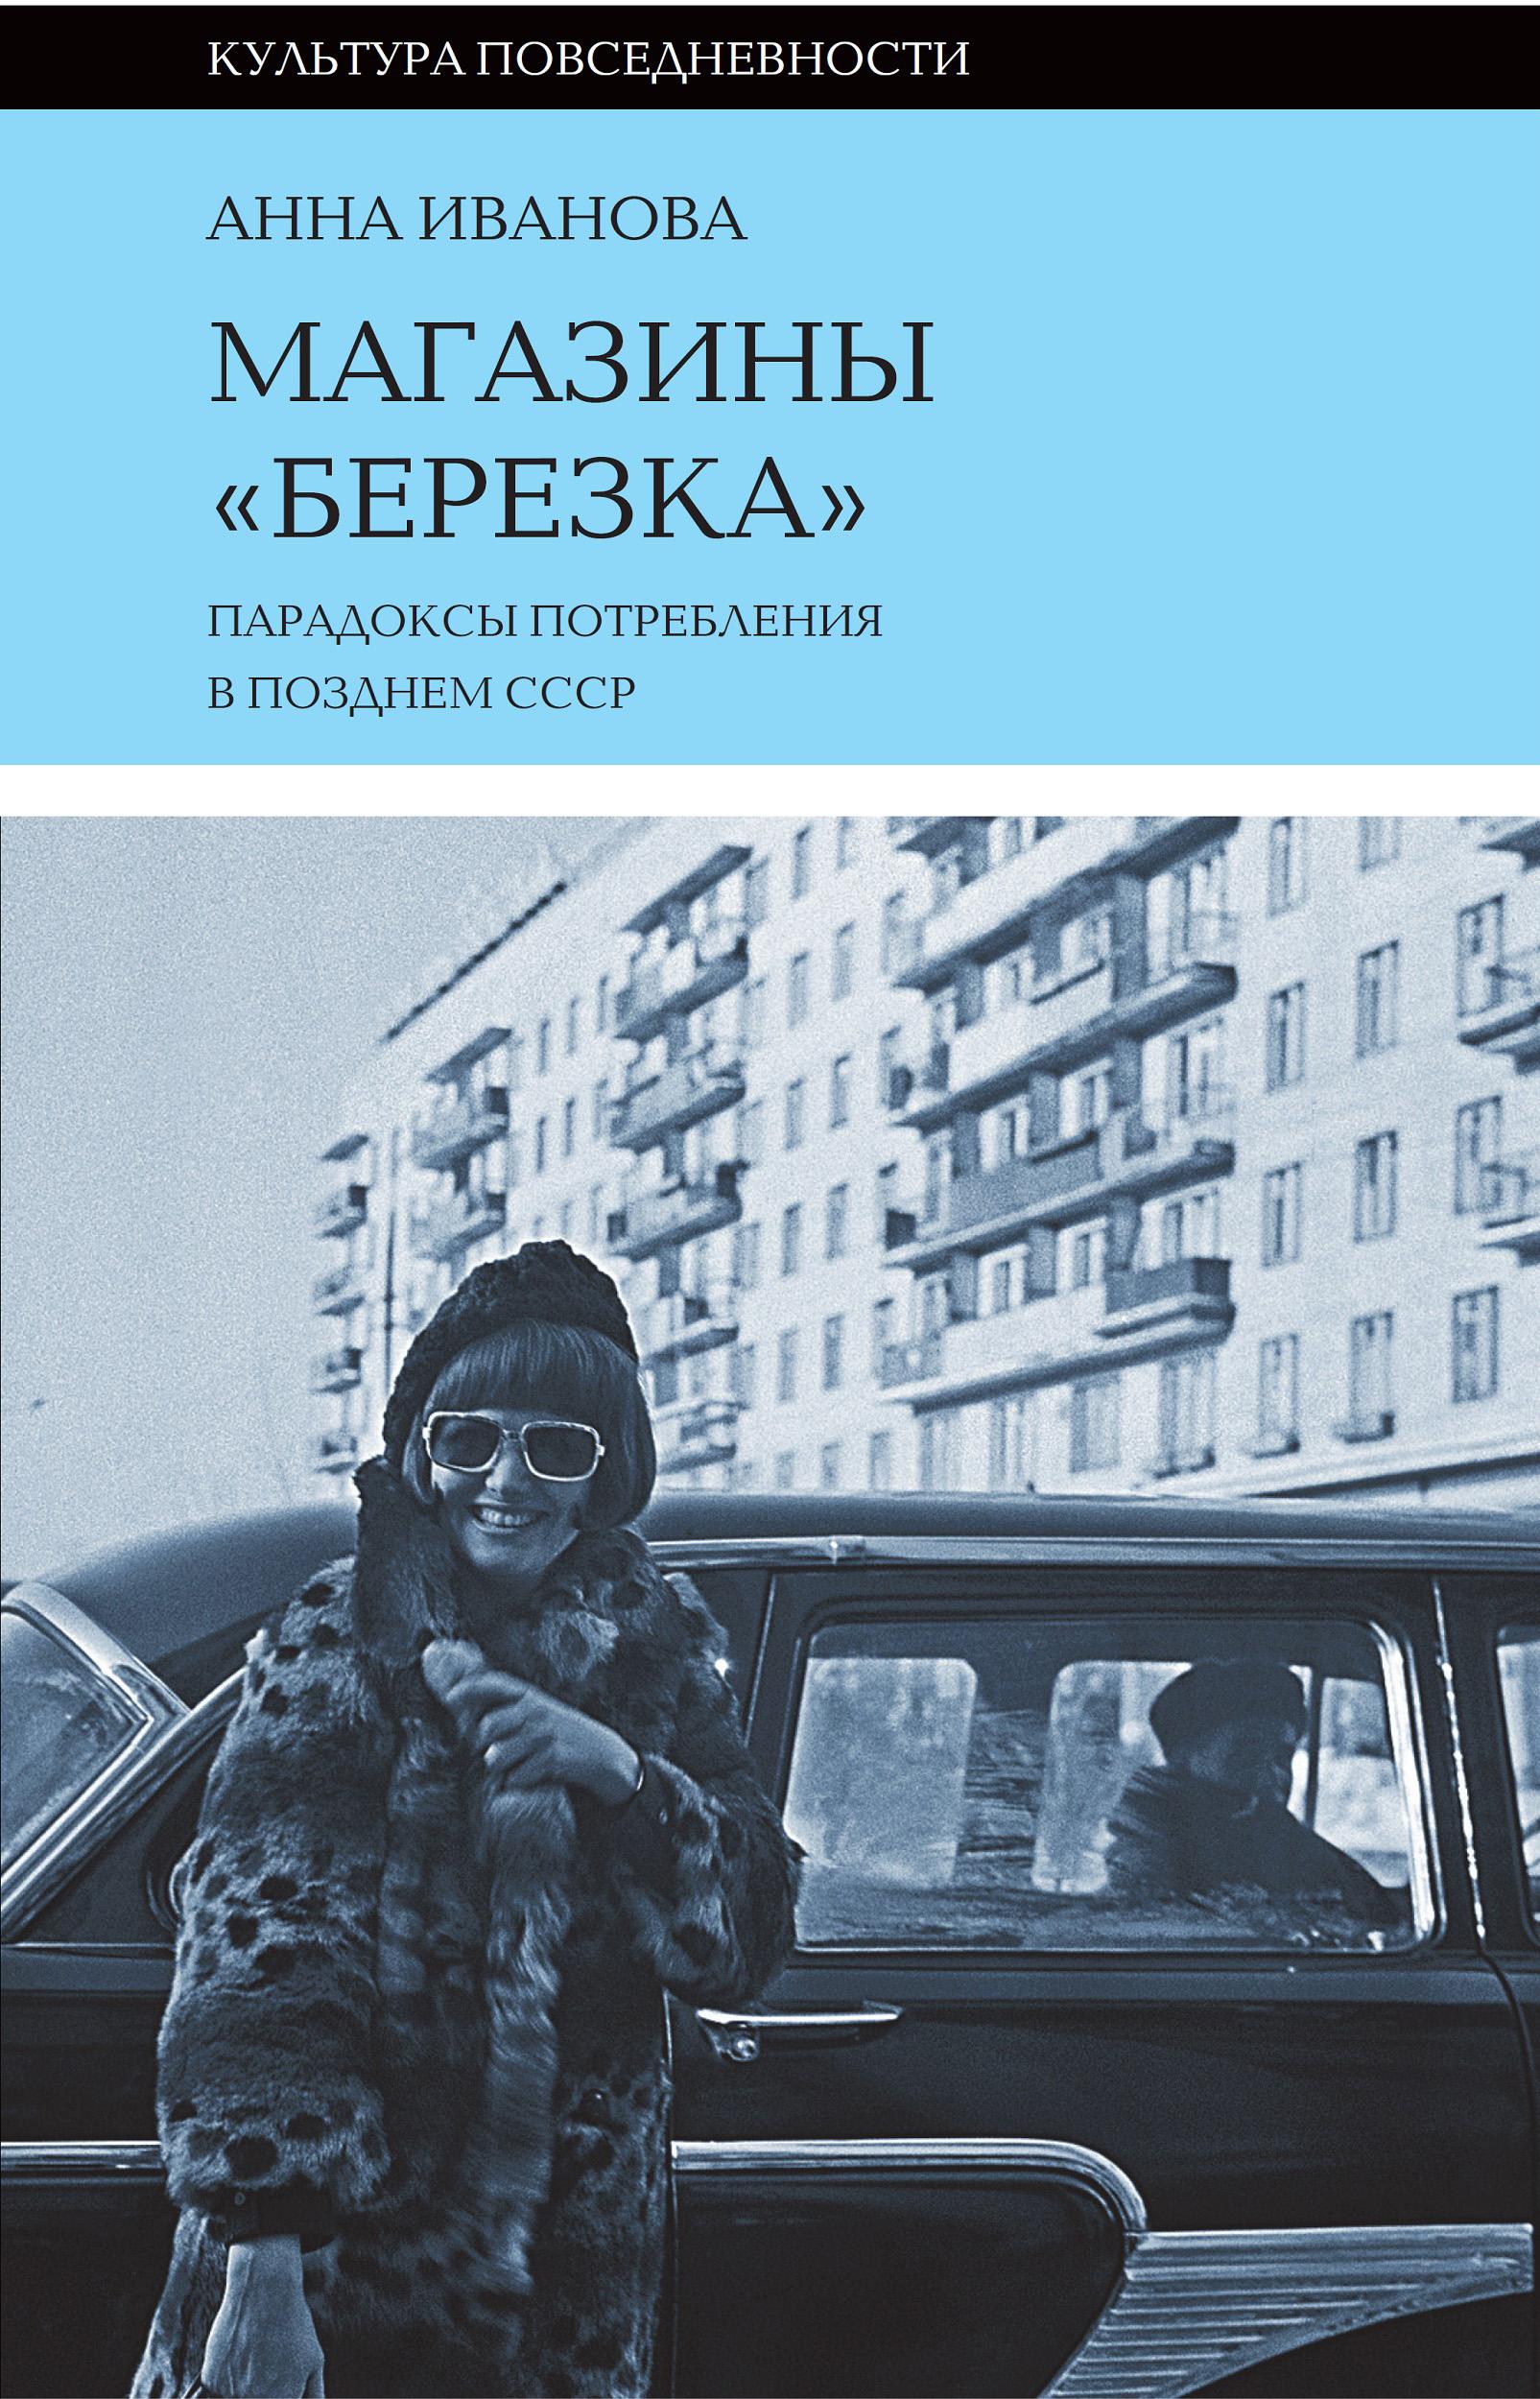 Анна Иванова Магазины «Березка»: парадоксы потребления в позднем СССР